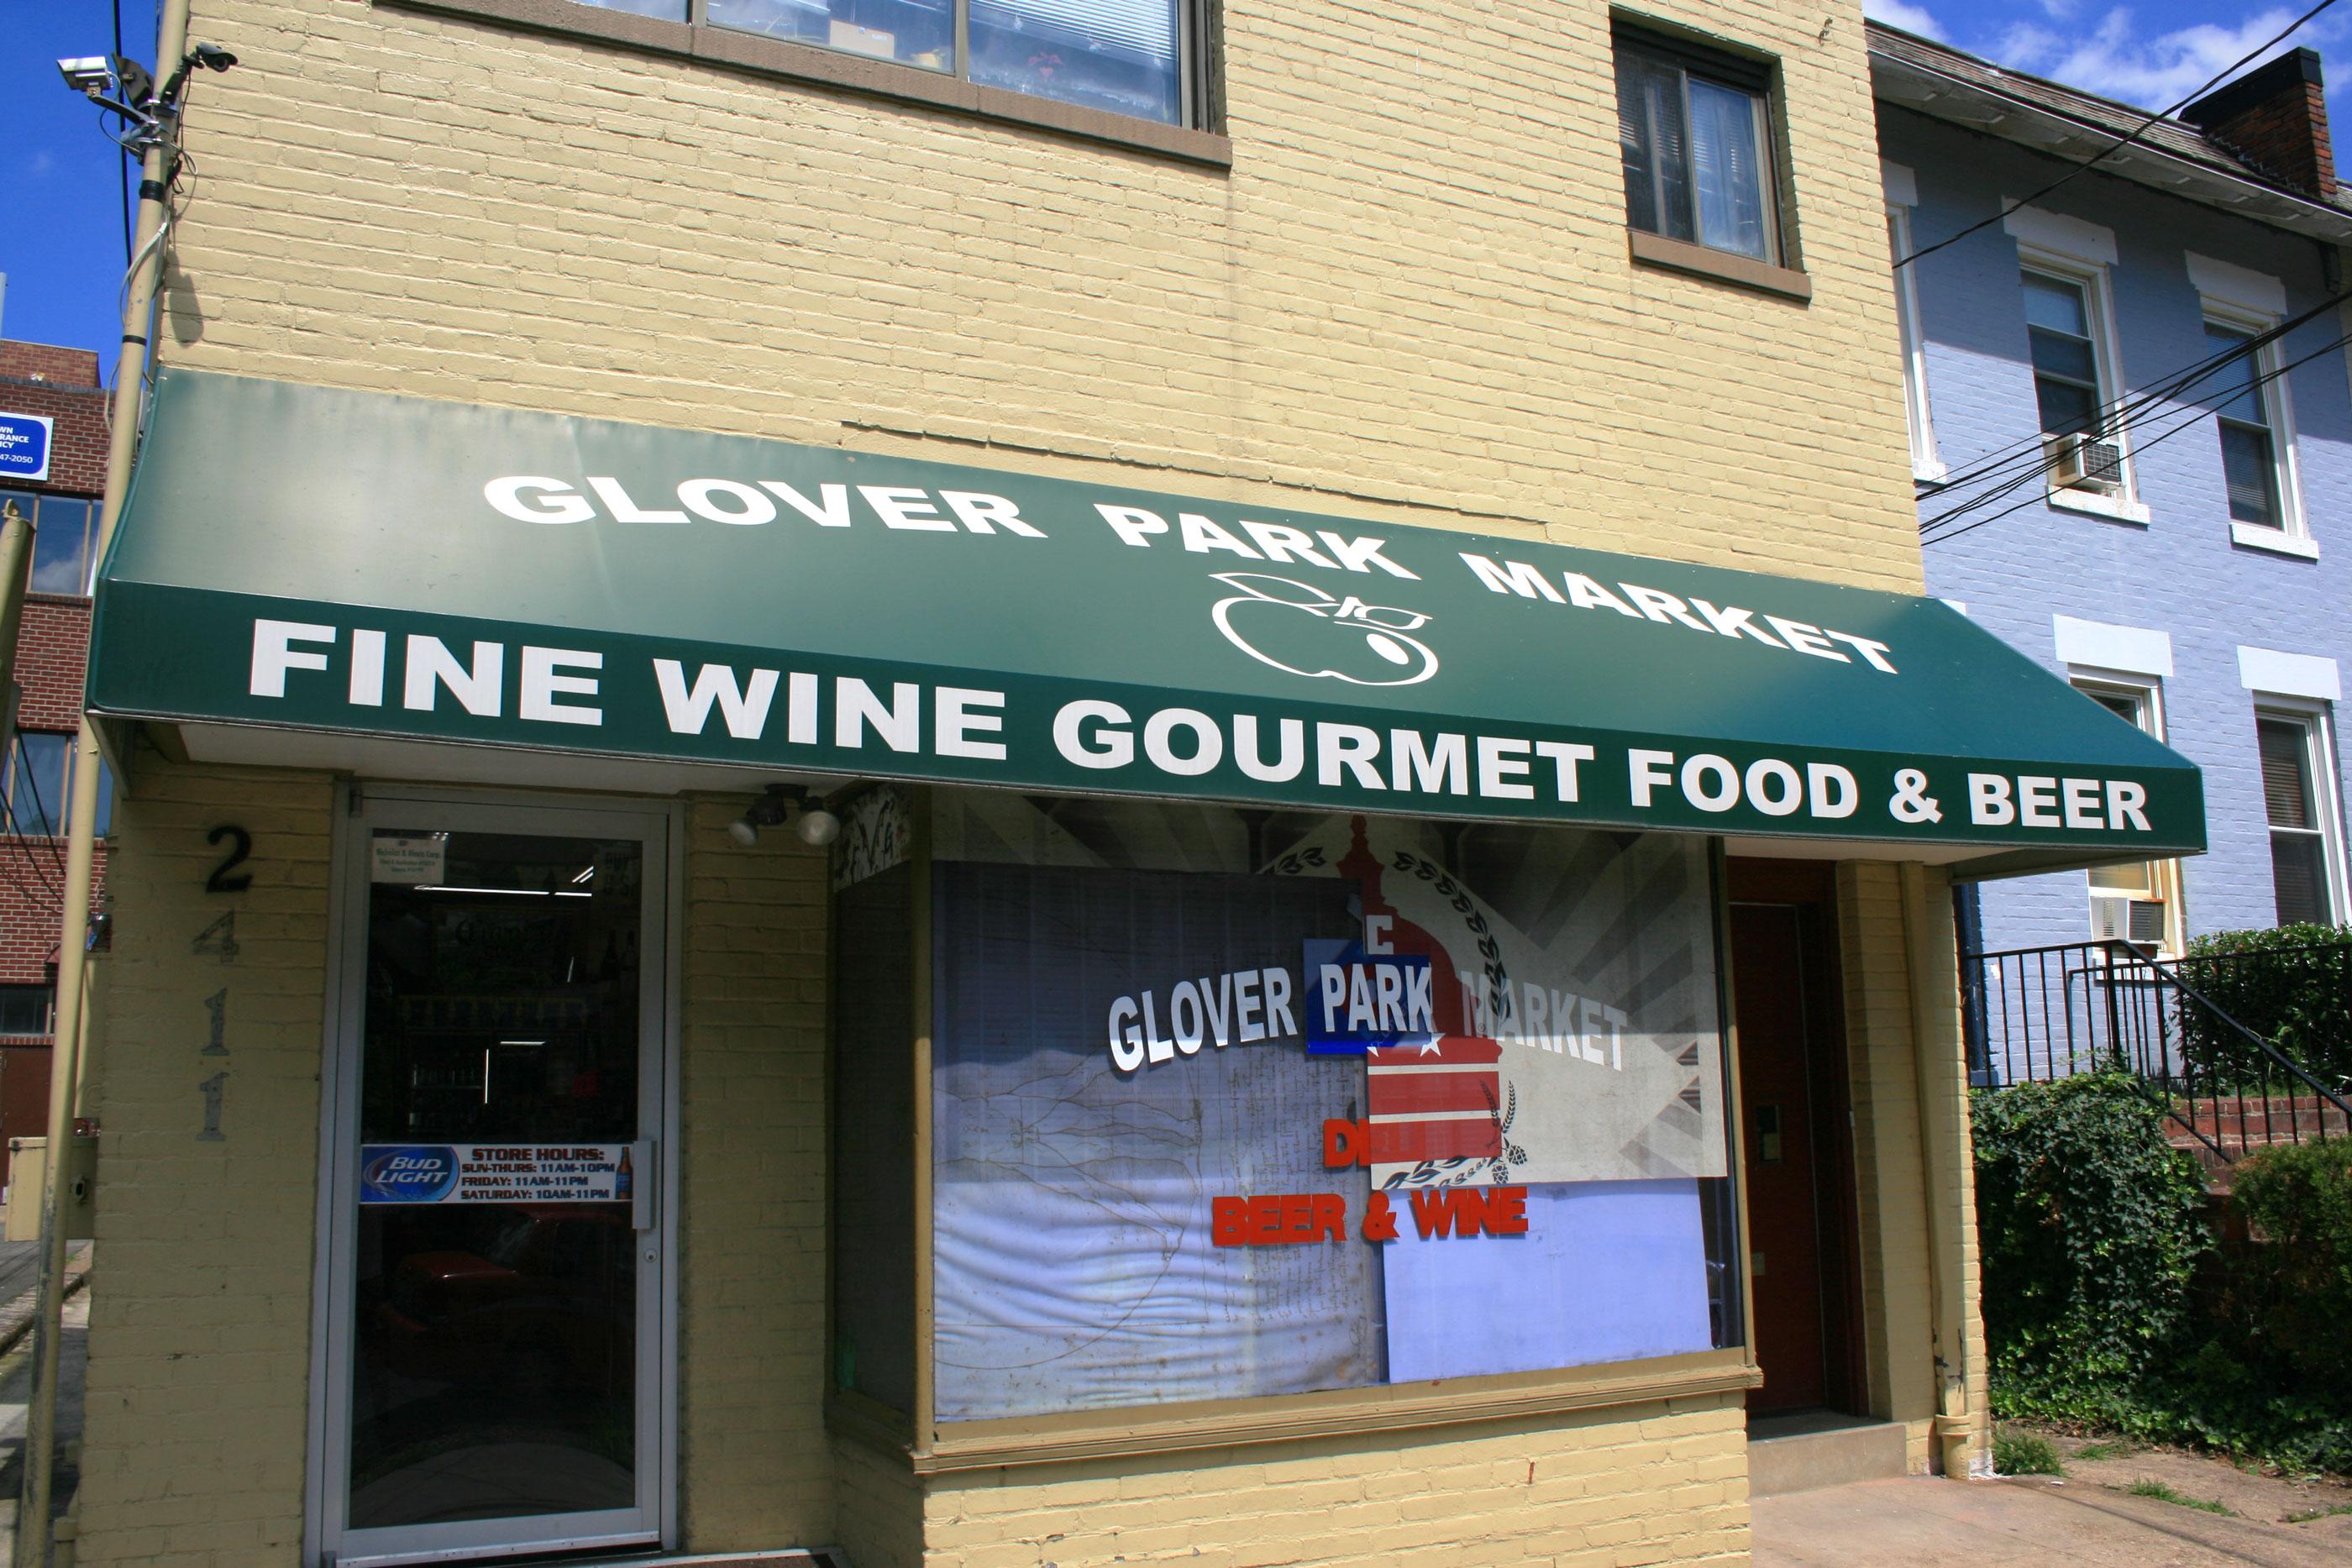 Glover Park Market